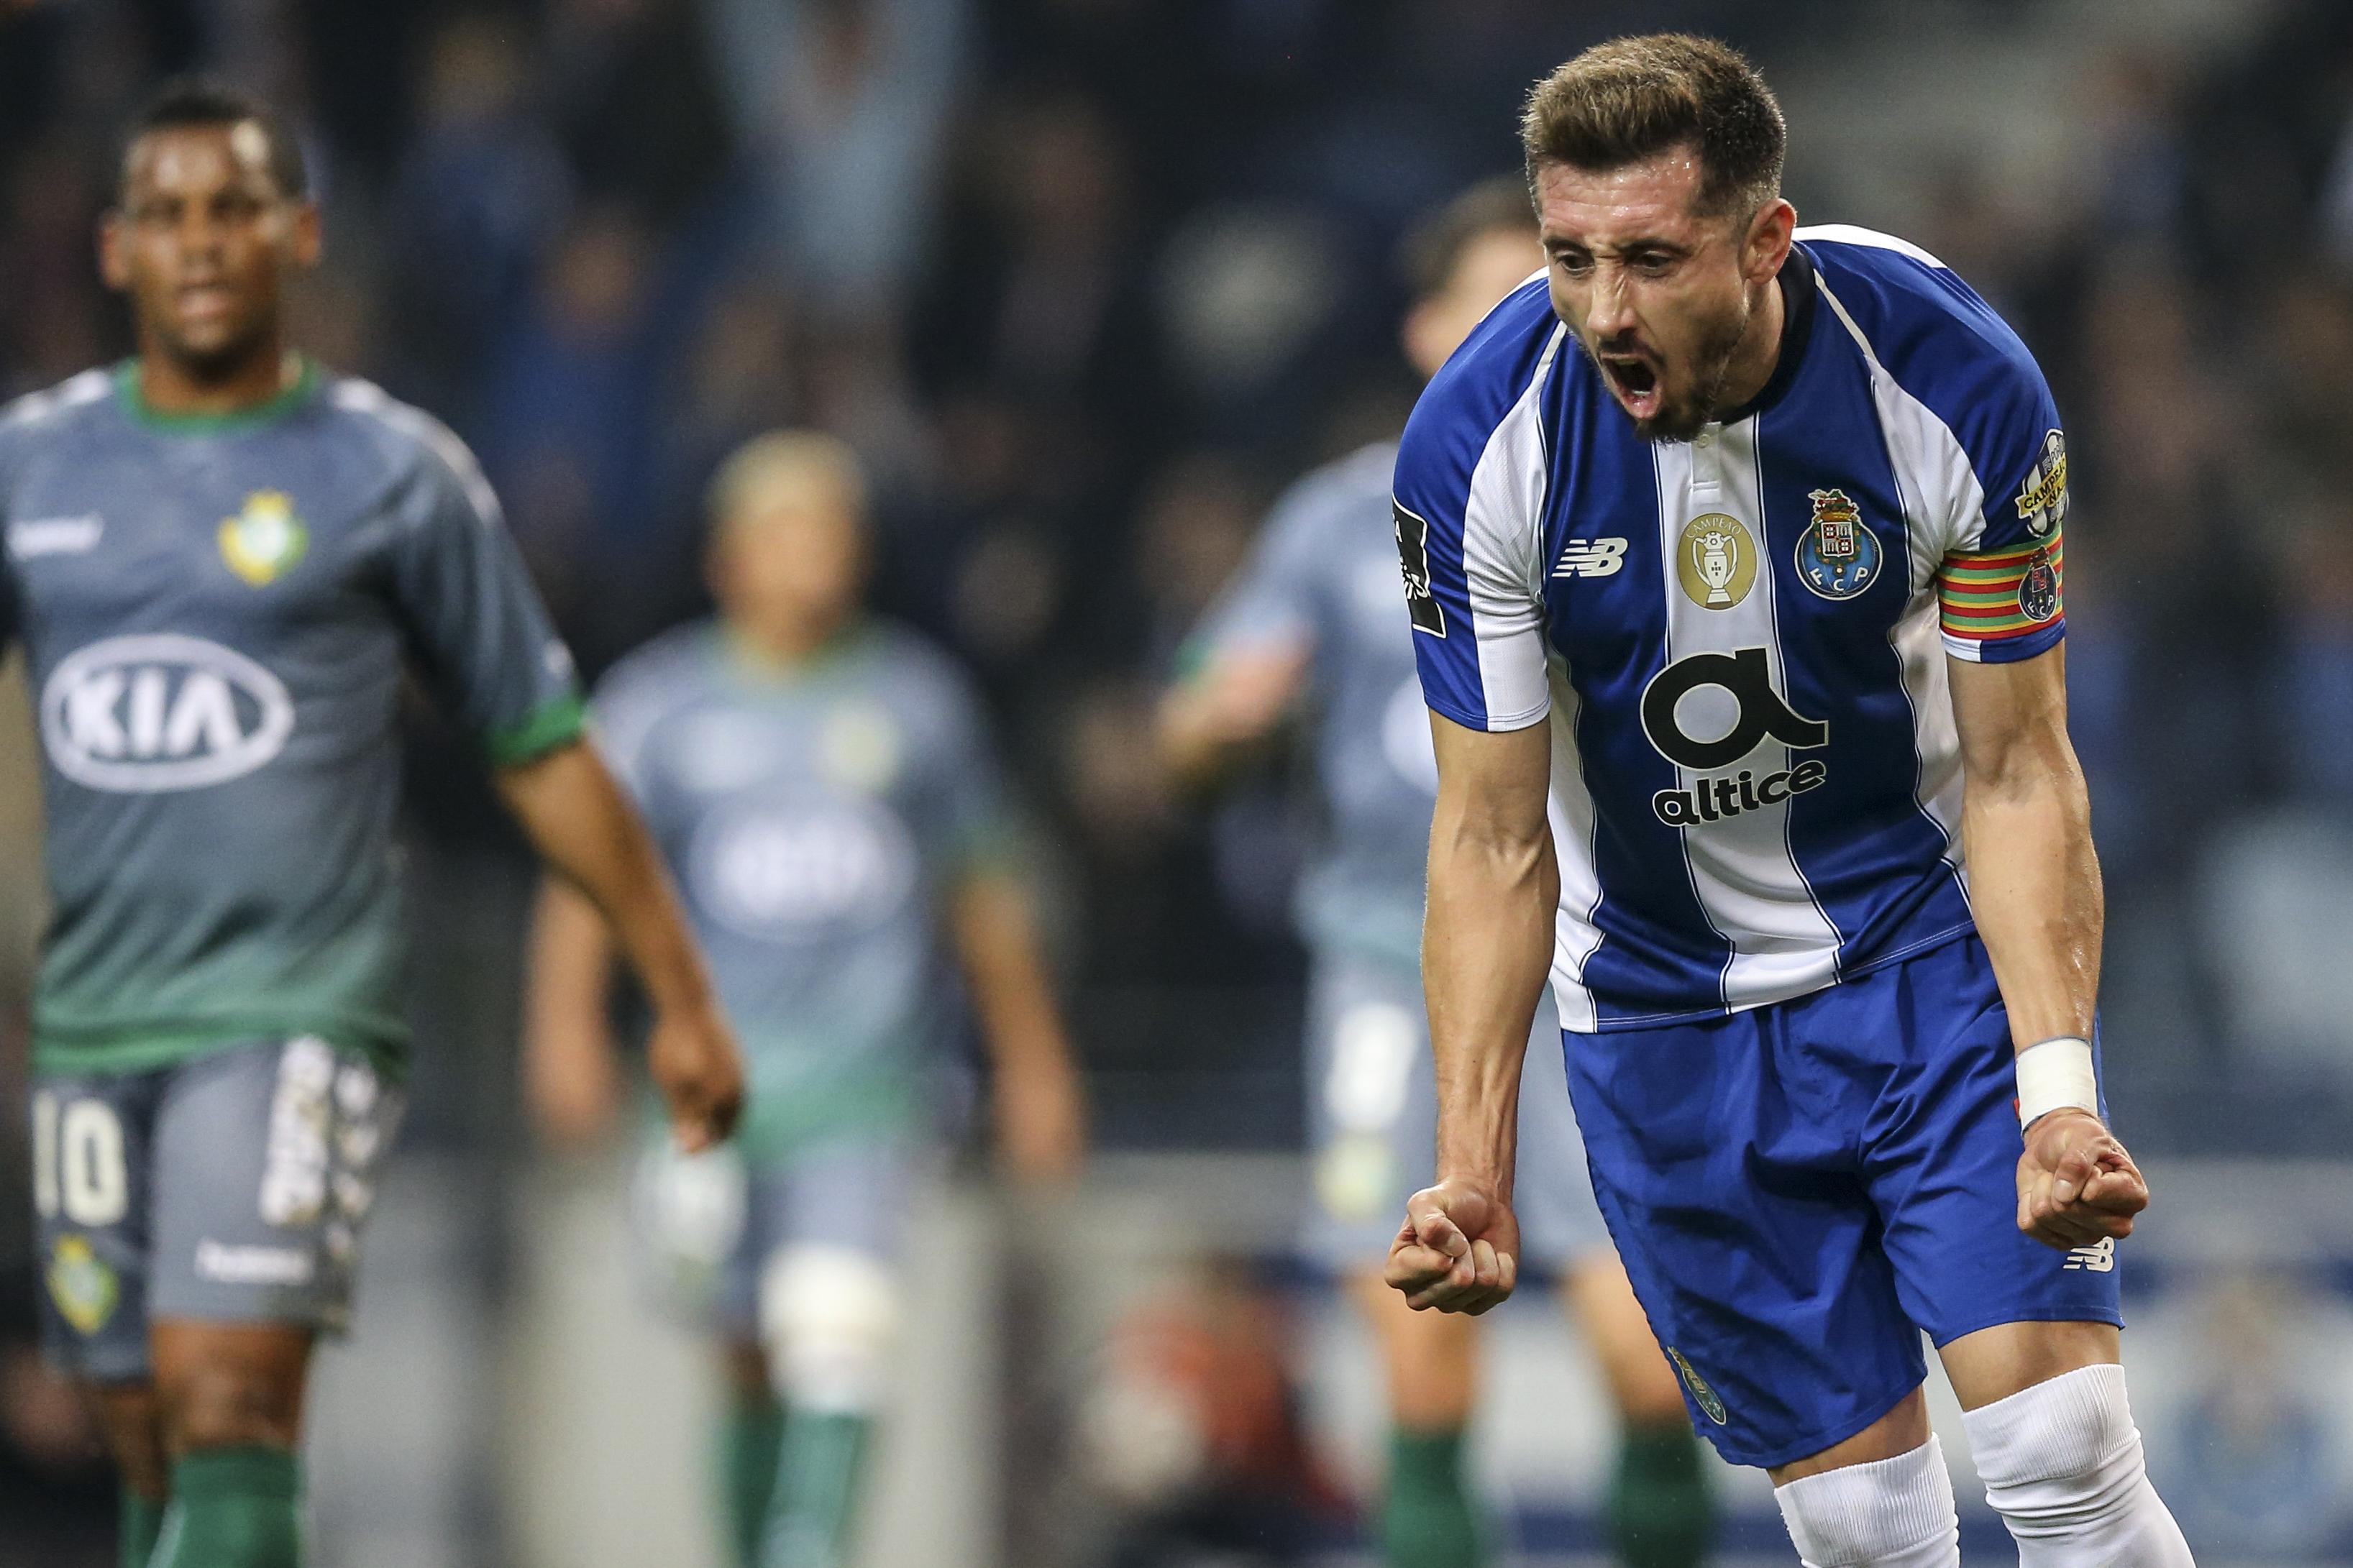 FC Porto regressa aos triunfos frente ao Setúbal e consolida liderança da I Liga